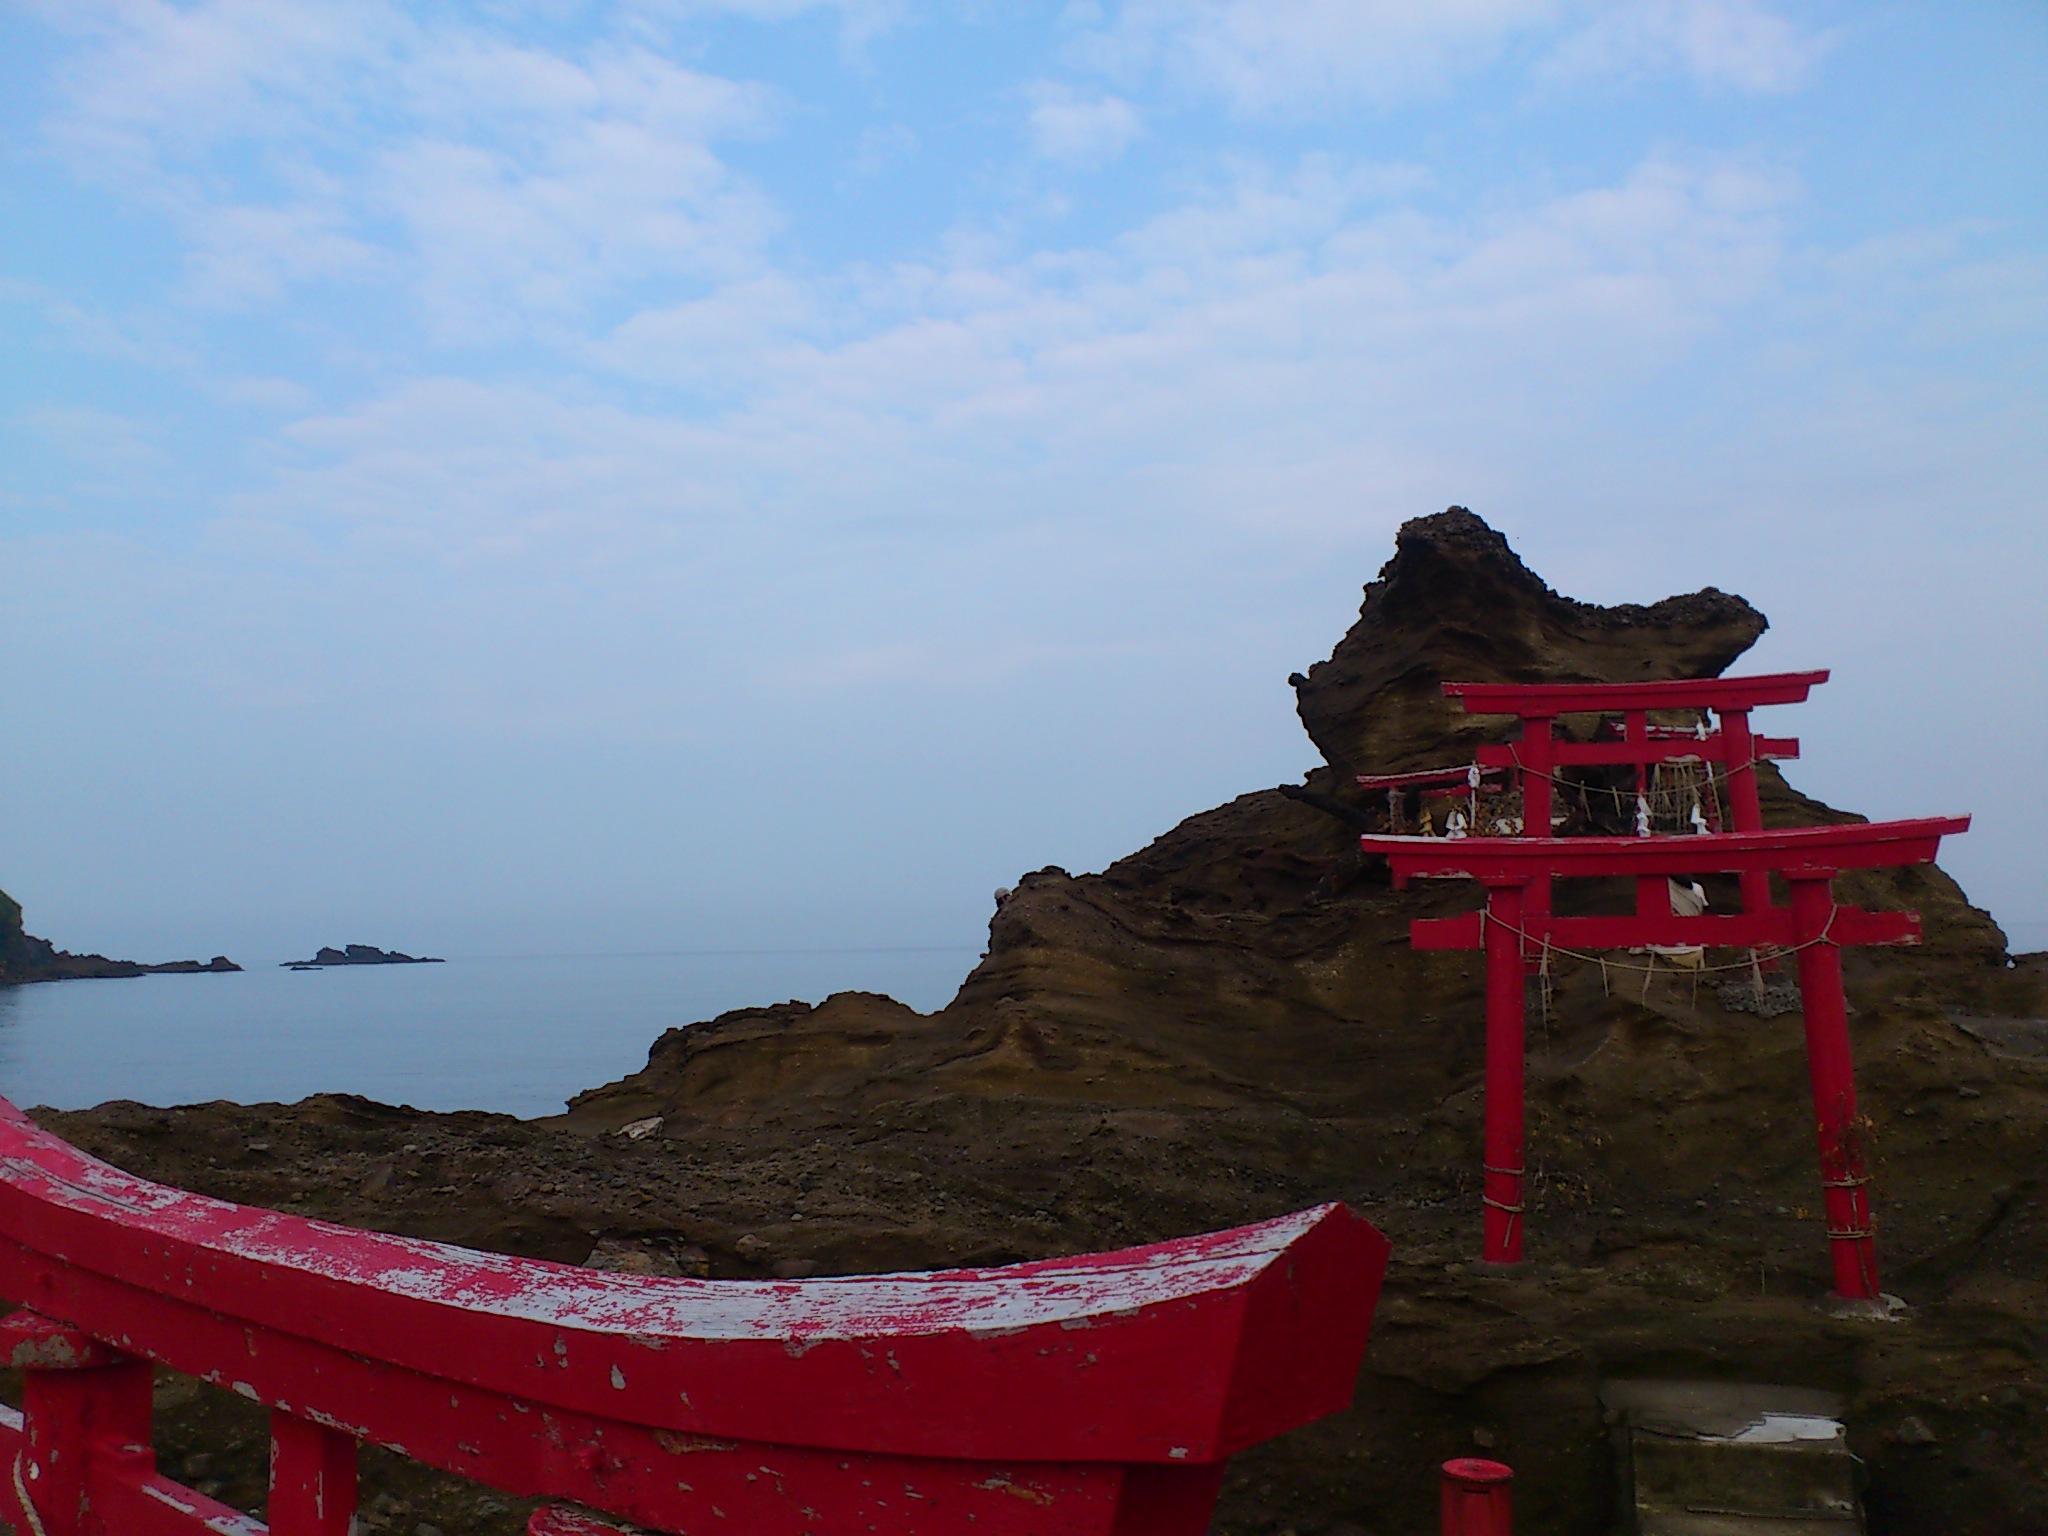 新潟笠島弁財天。此方の海水を戴き明日から会津で塩炊き。一度途切れた塩の道。繋ぎ直し結び直し。